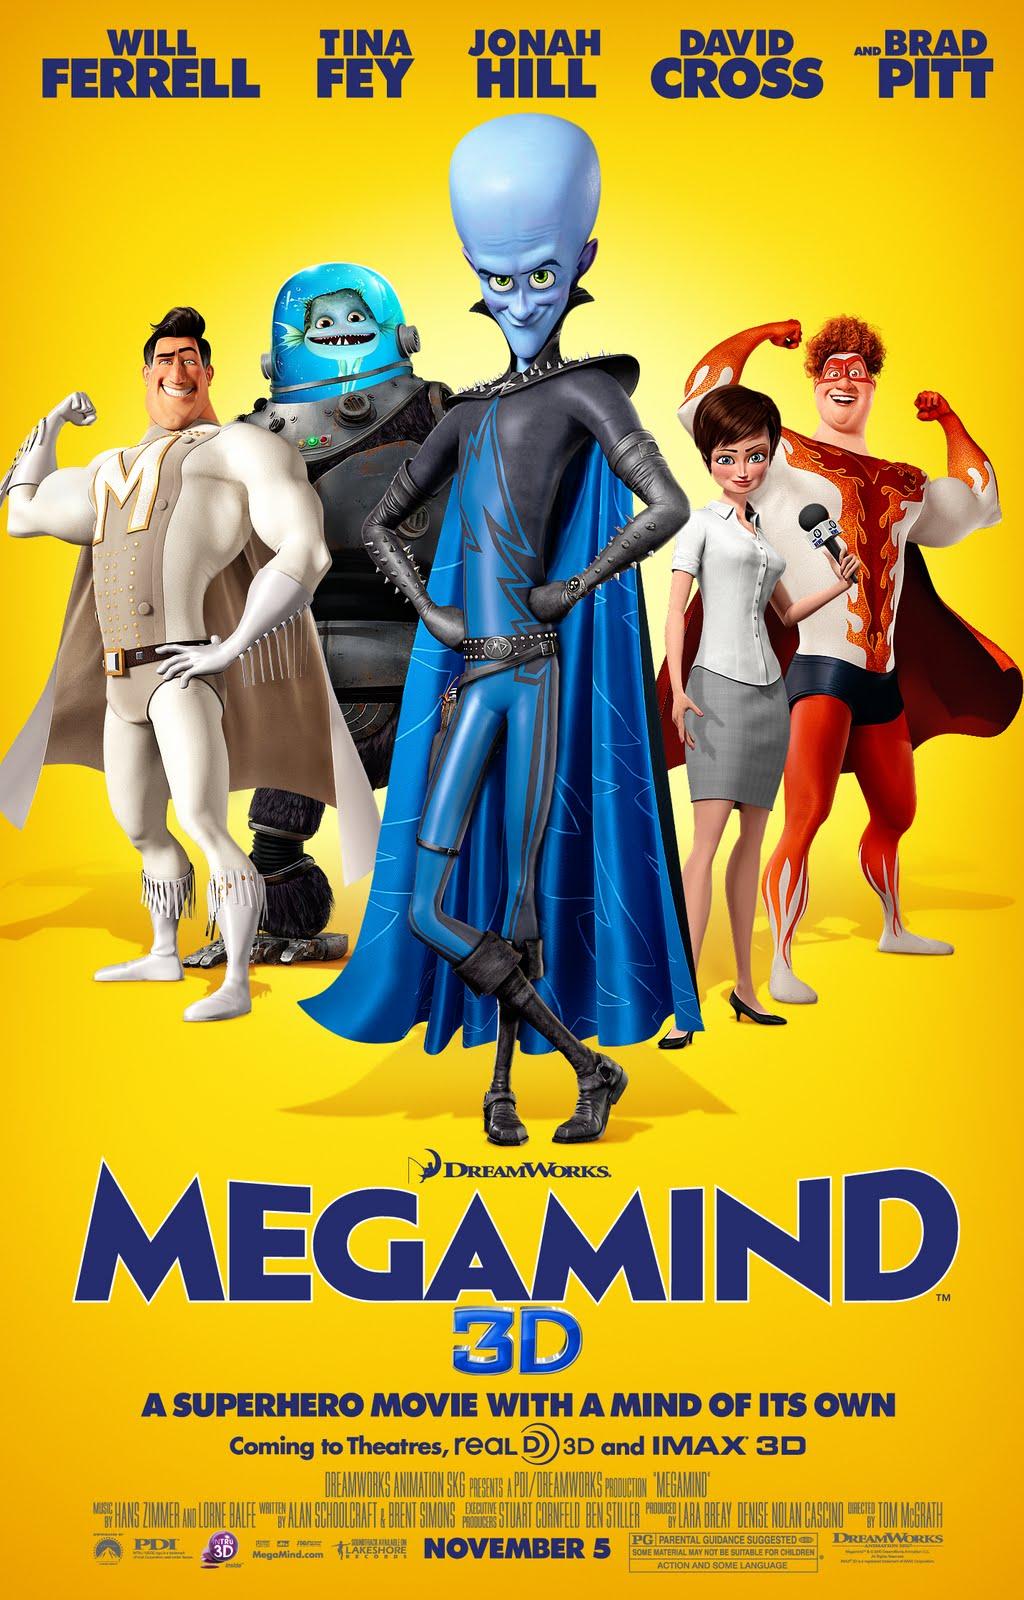 http://3.bp.blogspot.com/_F7KV0-MFaIc/TN1ivBkrxWI/AAAAAAAAFj8/KZJ-2L5Iejc/s1600/megamind_movie_poster_final_01.jpg